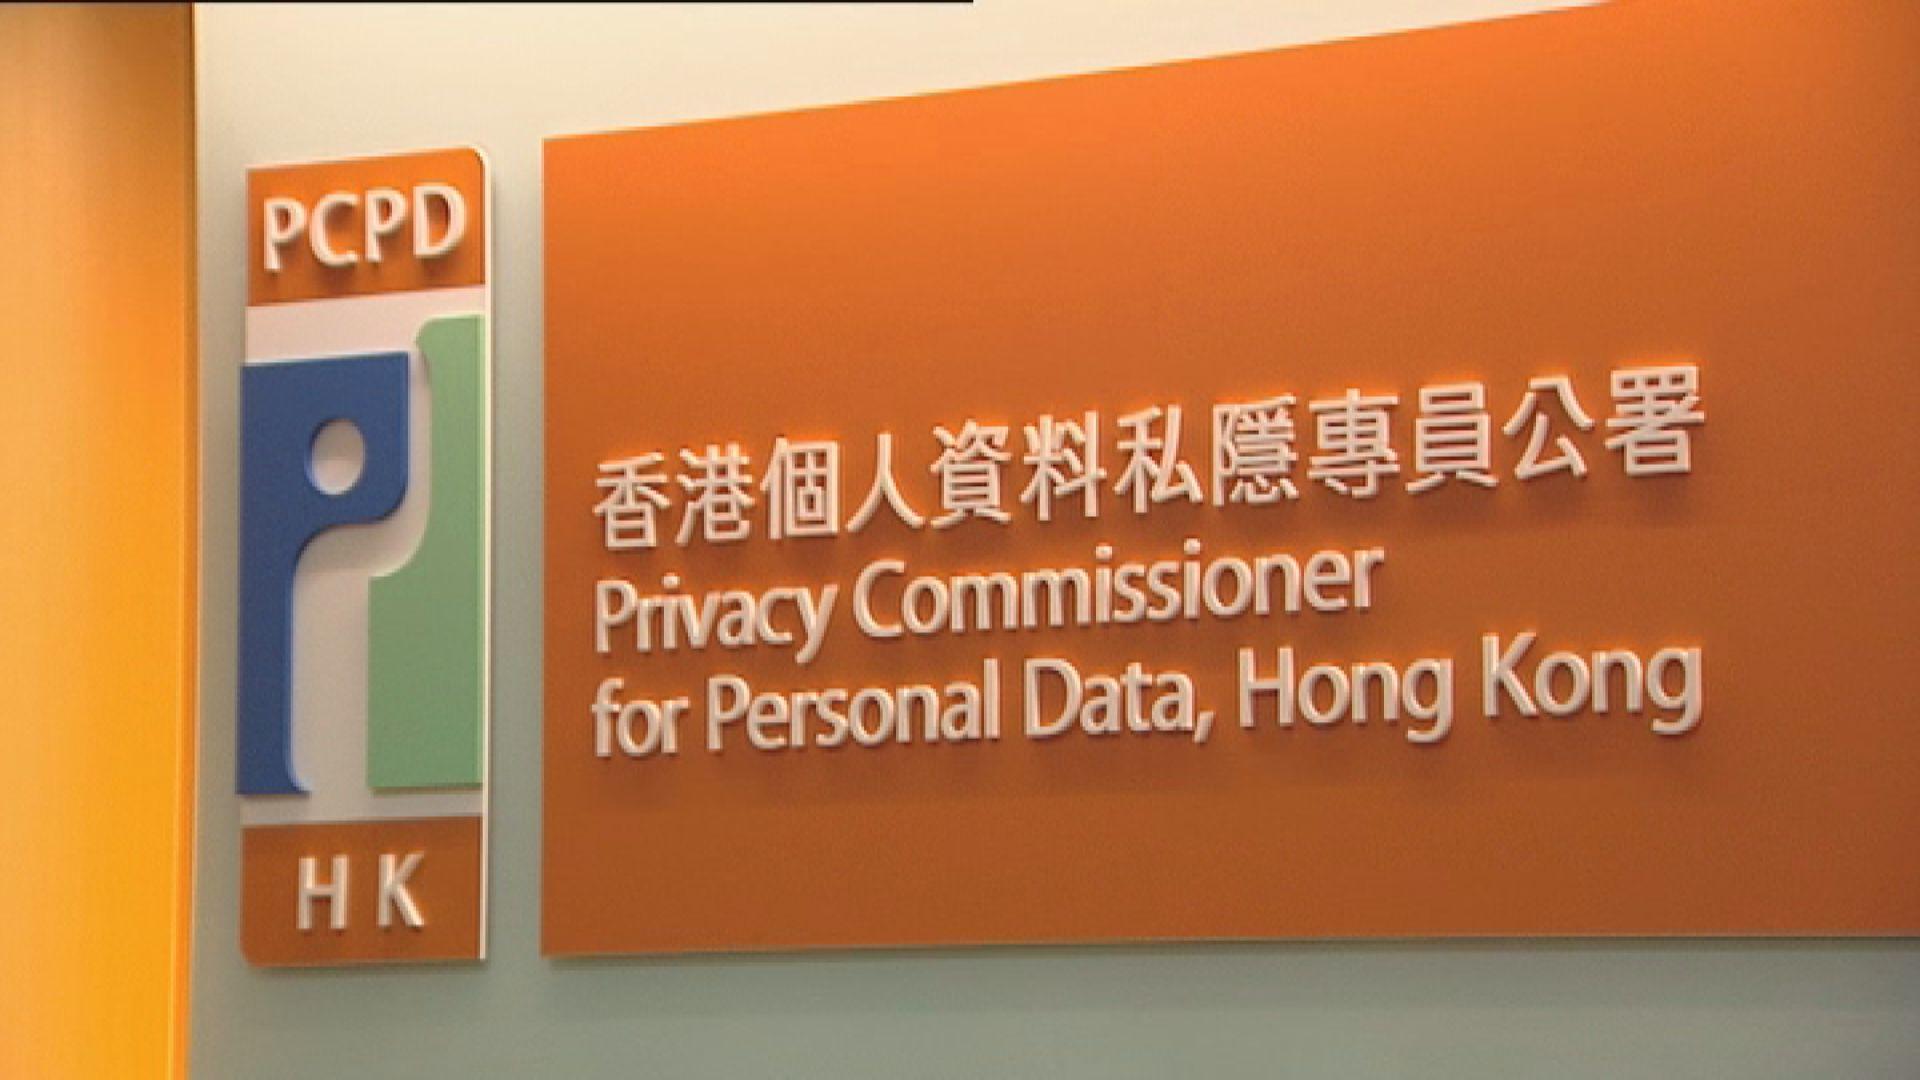 私隱專員公署將建議修改資料外洩通報規定